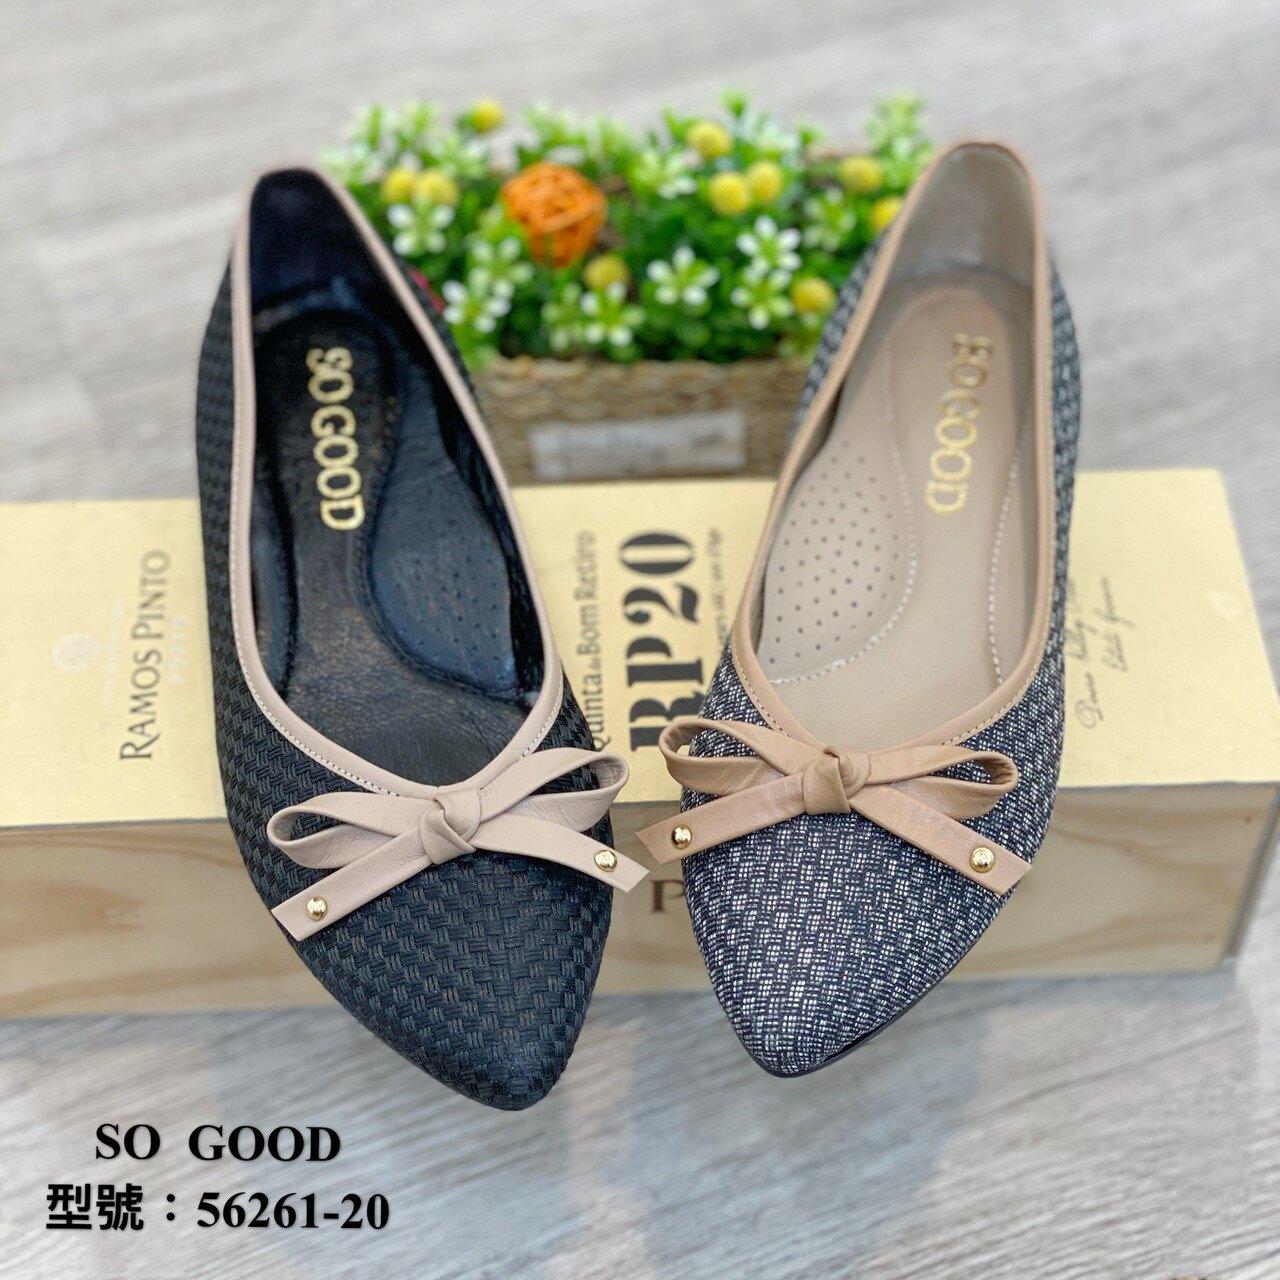 台灣手工流行時尚舒適淑女鞋真皮女鞋娃娃鞋樂福鞋通勤鞋低跟鞋56261-20